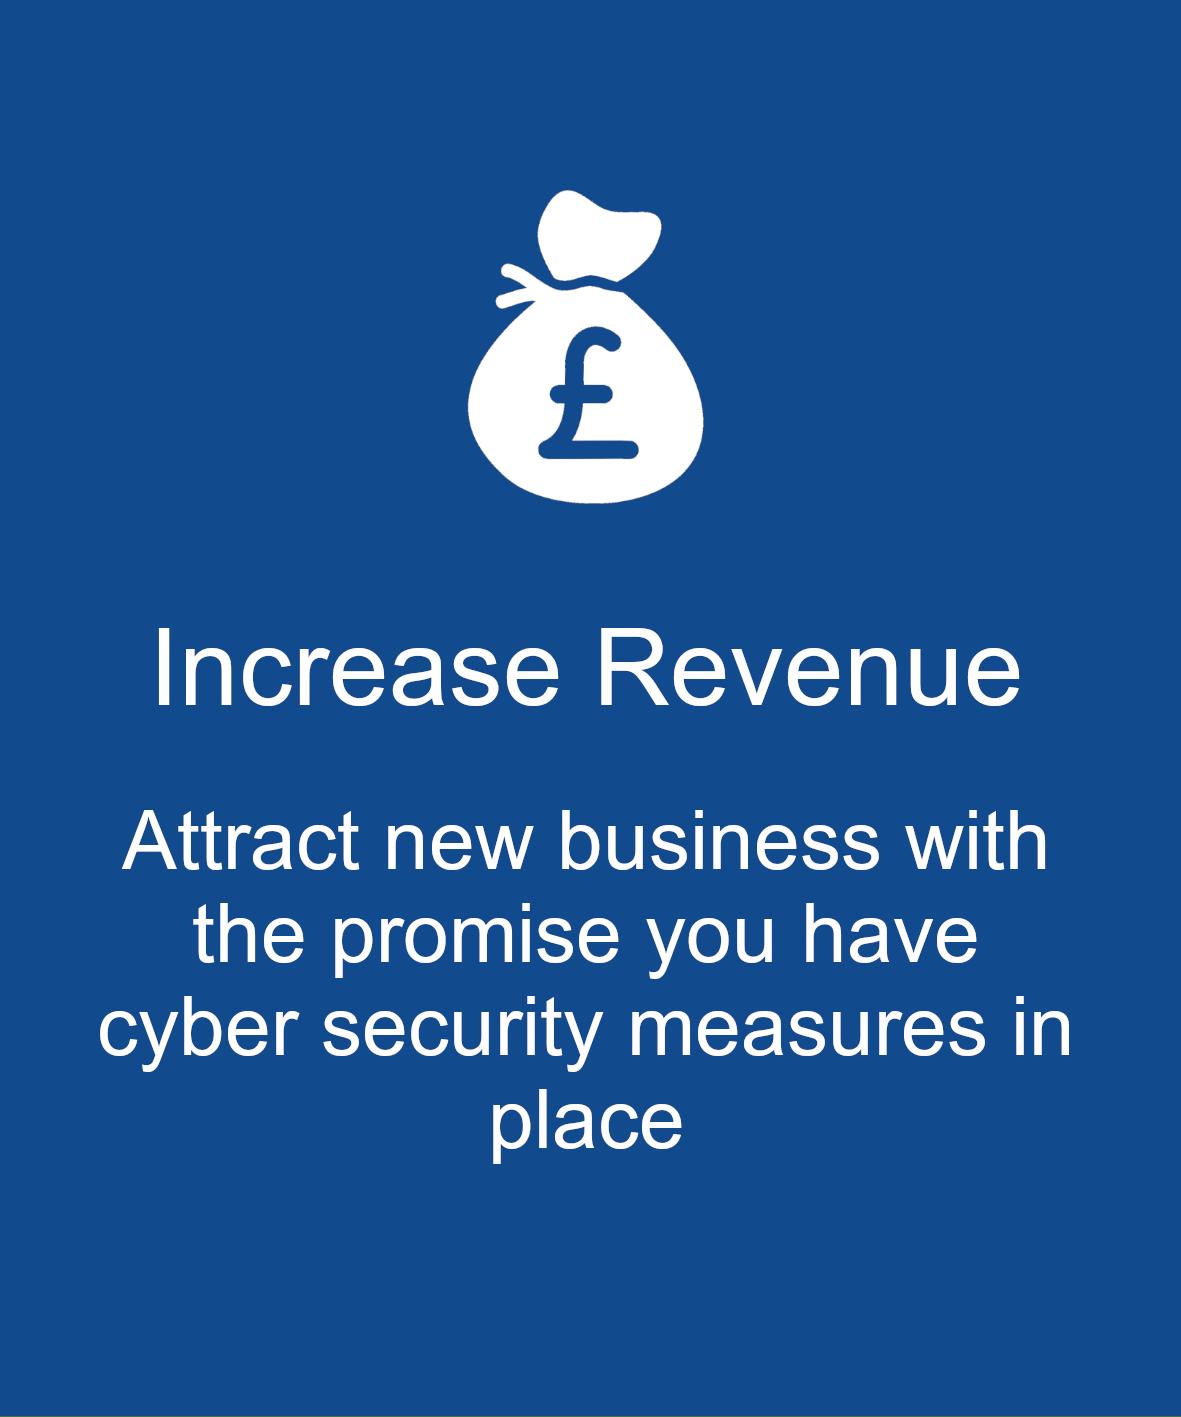 Increased Revenue